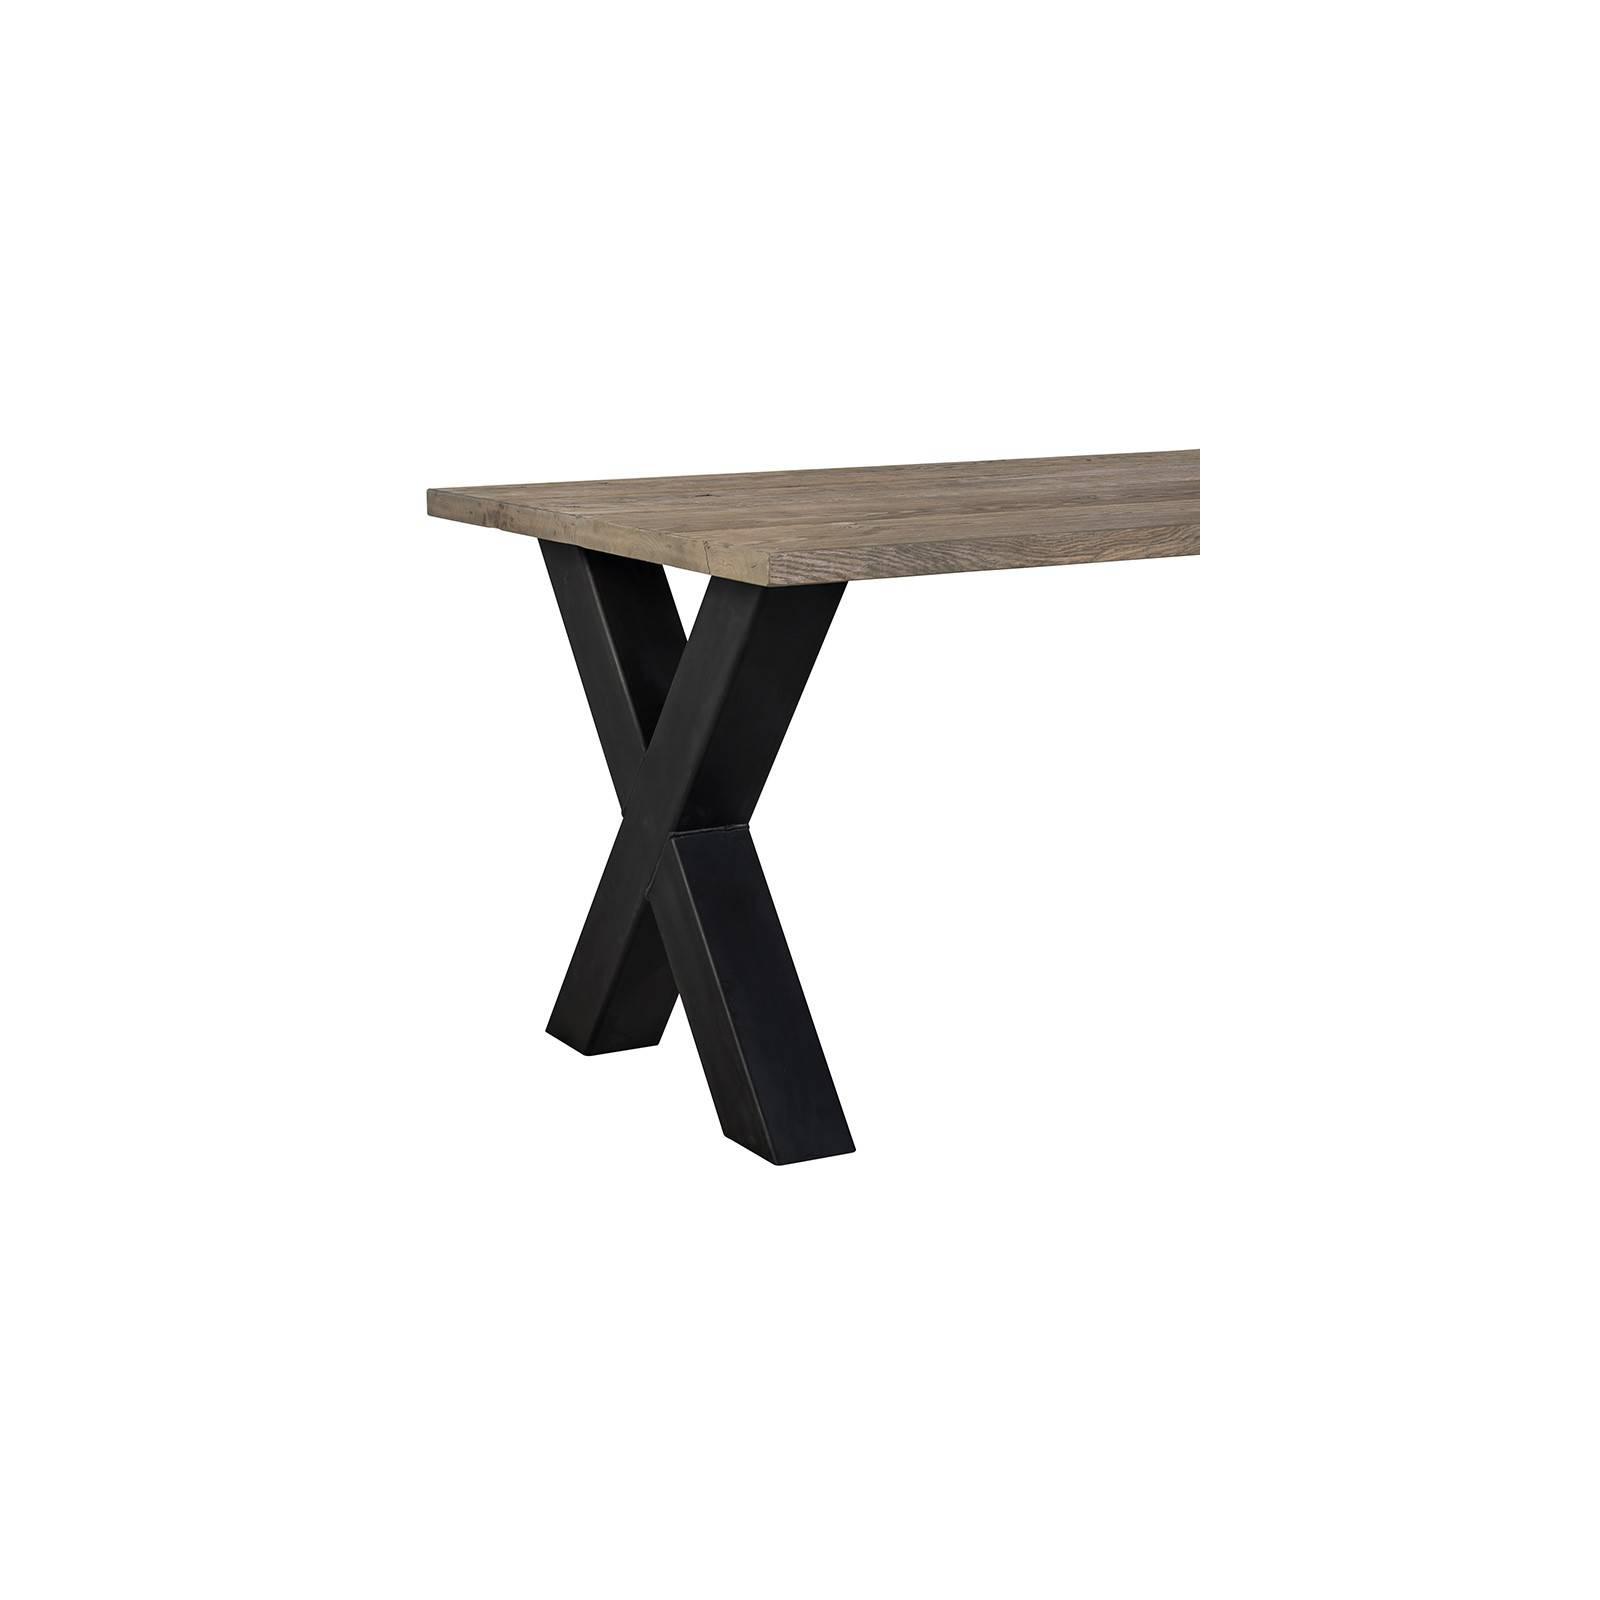 Table de salle Industriel Victoria Chêne - table esprit rétro